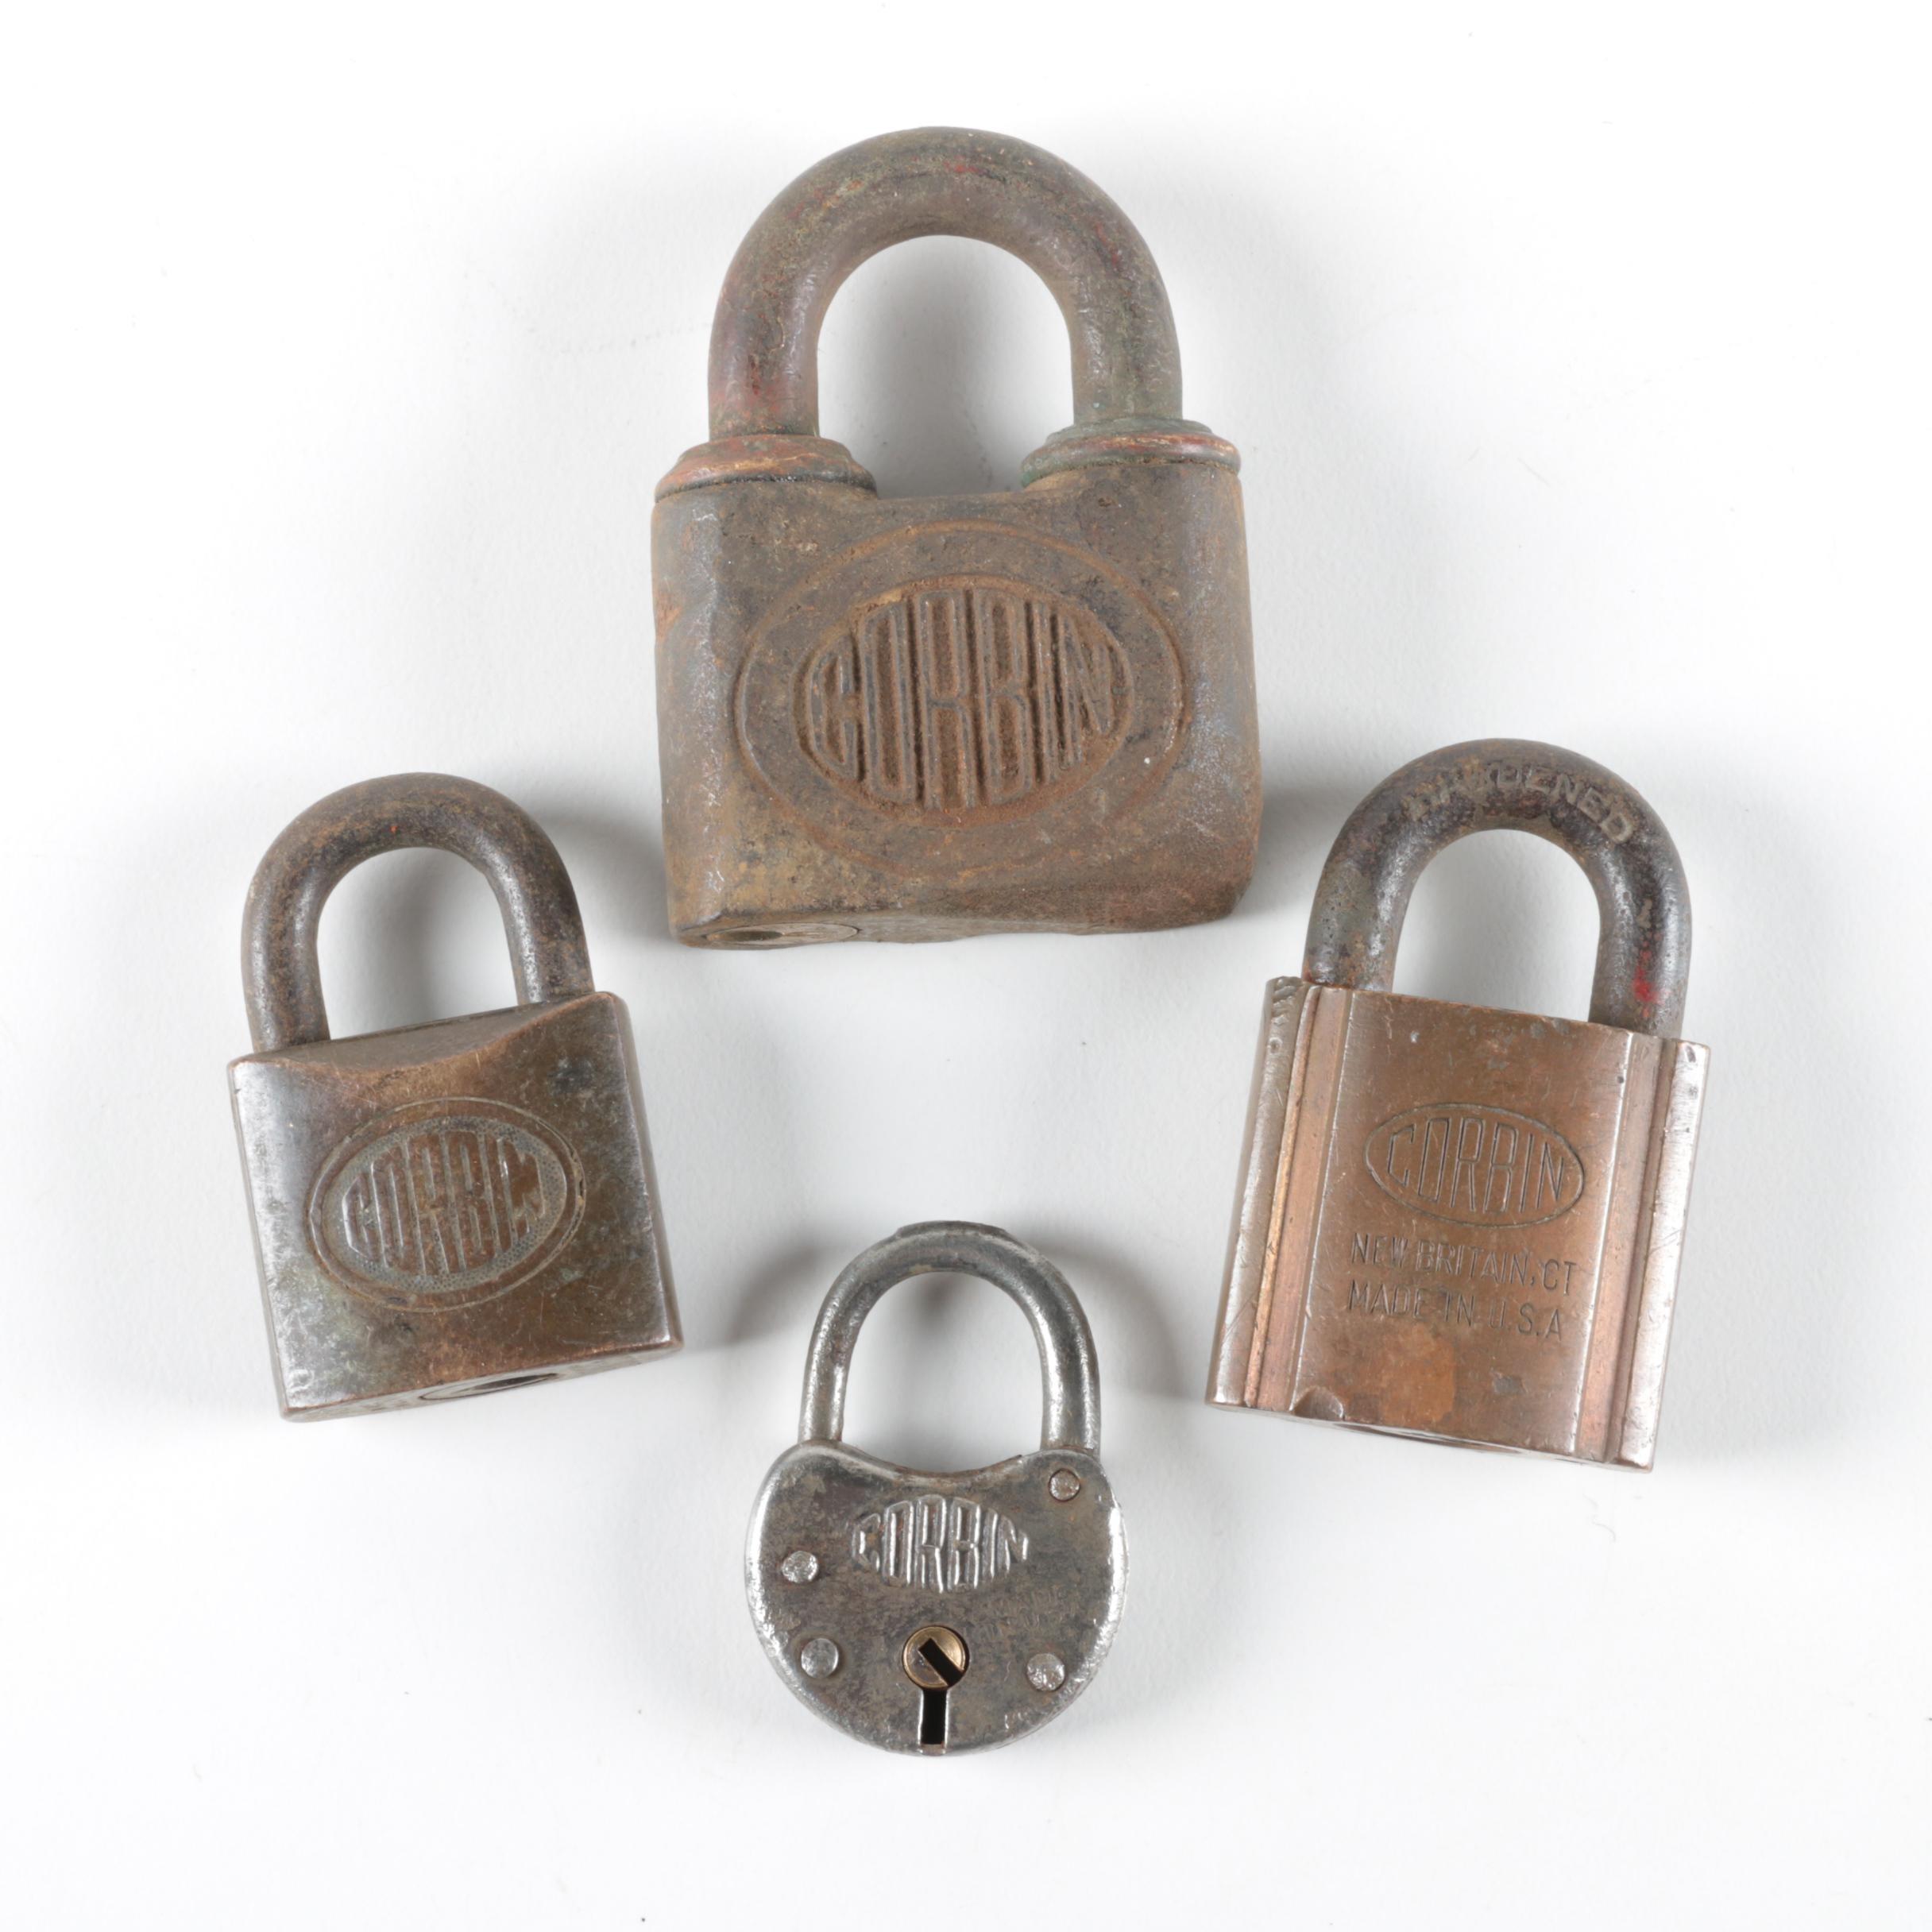 Vintage Corbin Locks